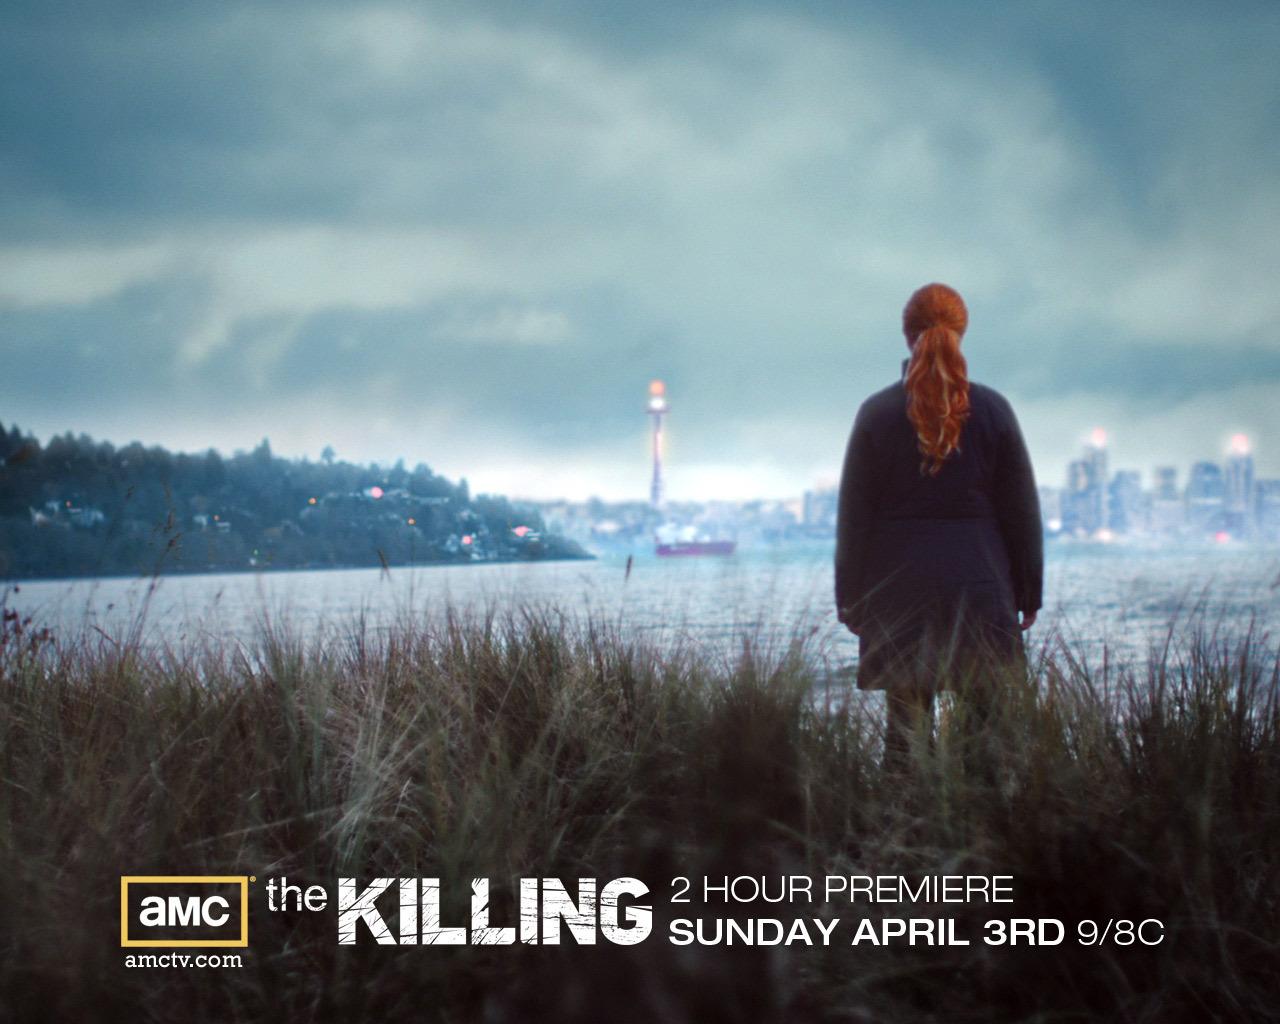 The-Killing-wallpaper-.jpg